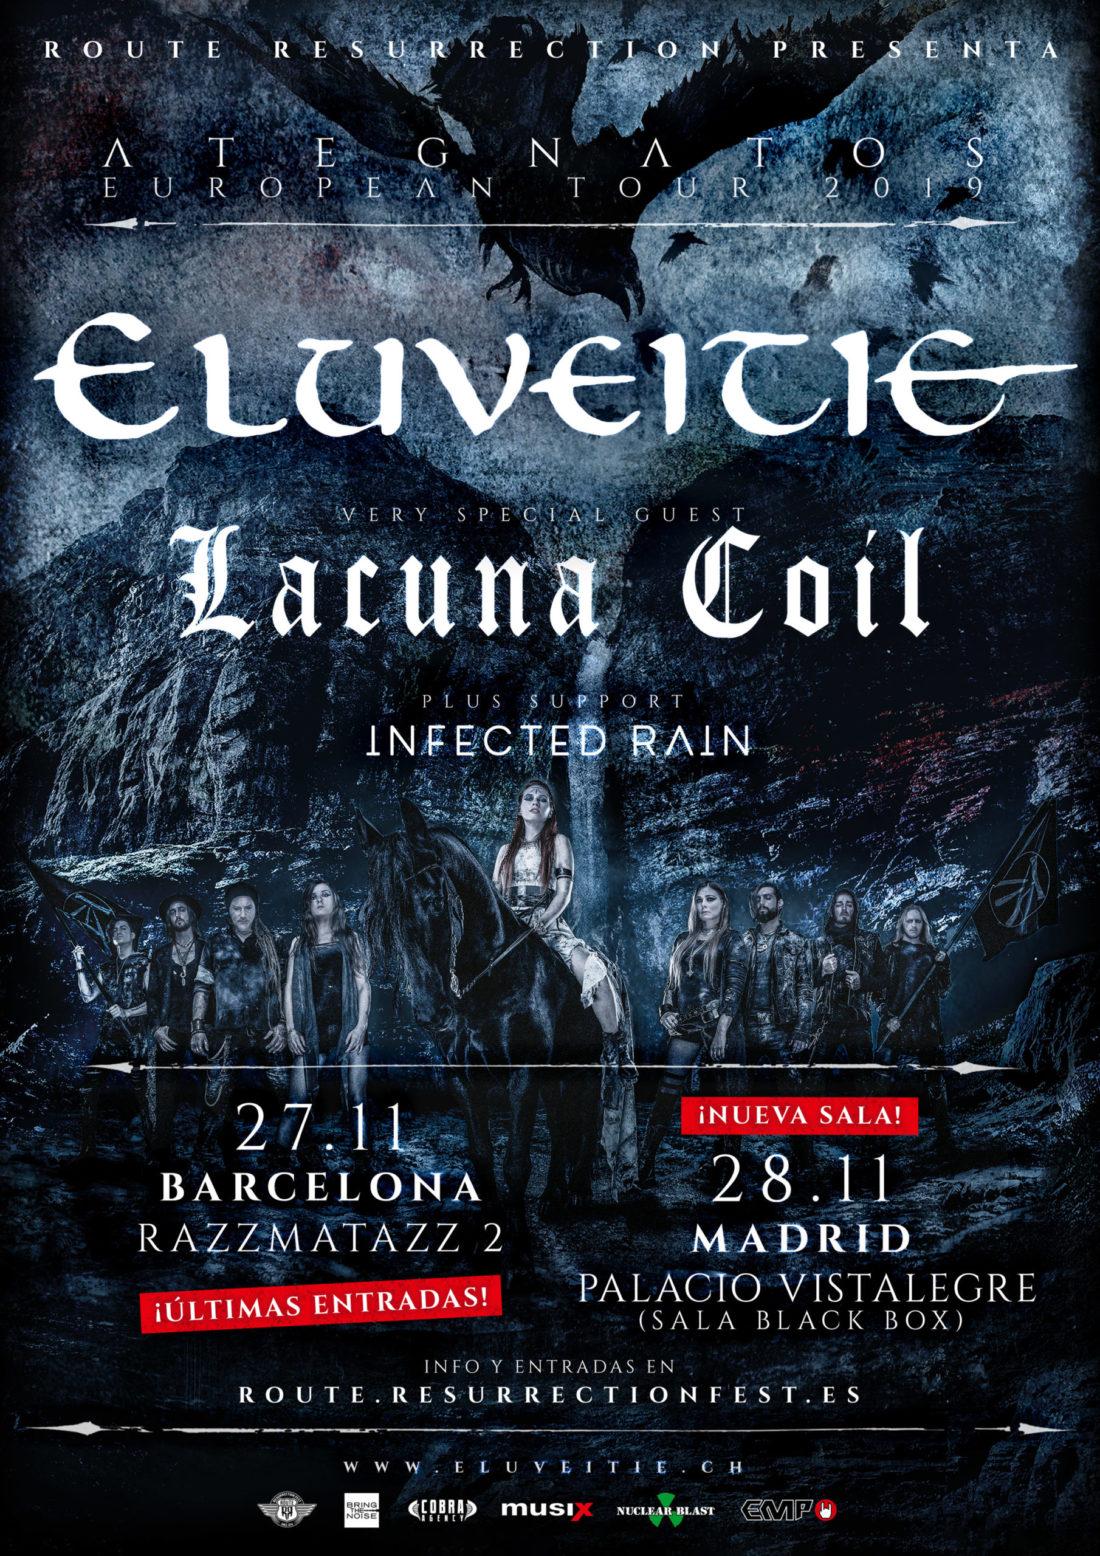 Eluveitie agota entradas en Madrid y cambia de sala; últimas entradas para Barcelona